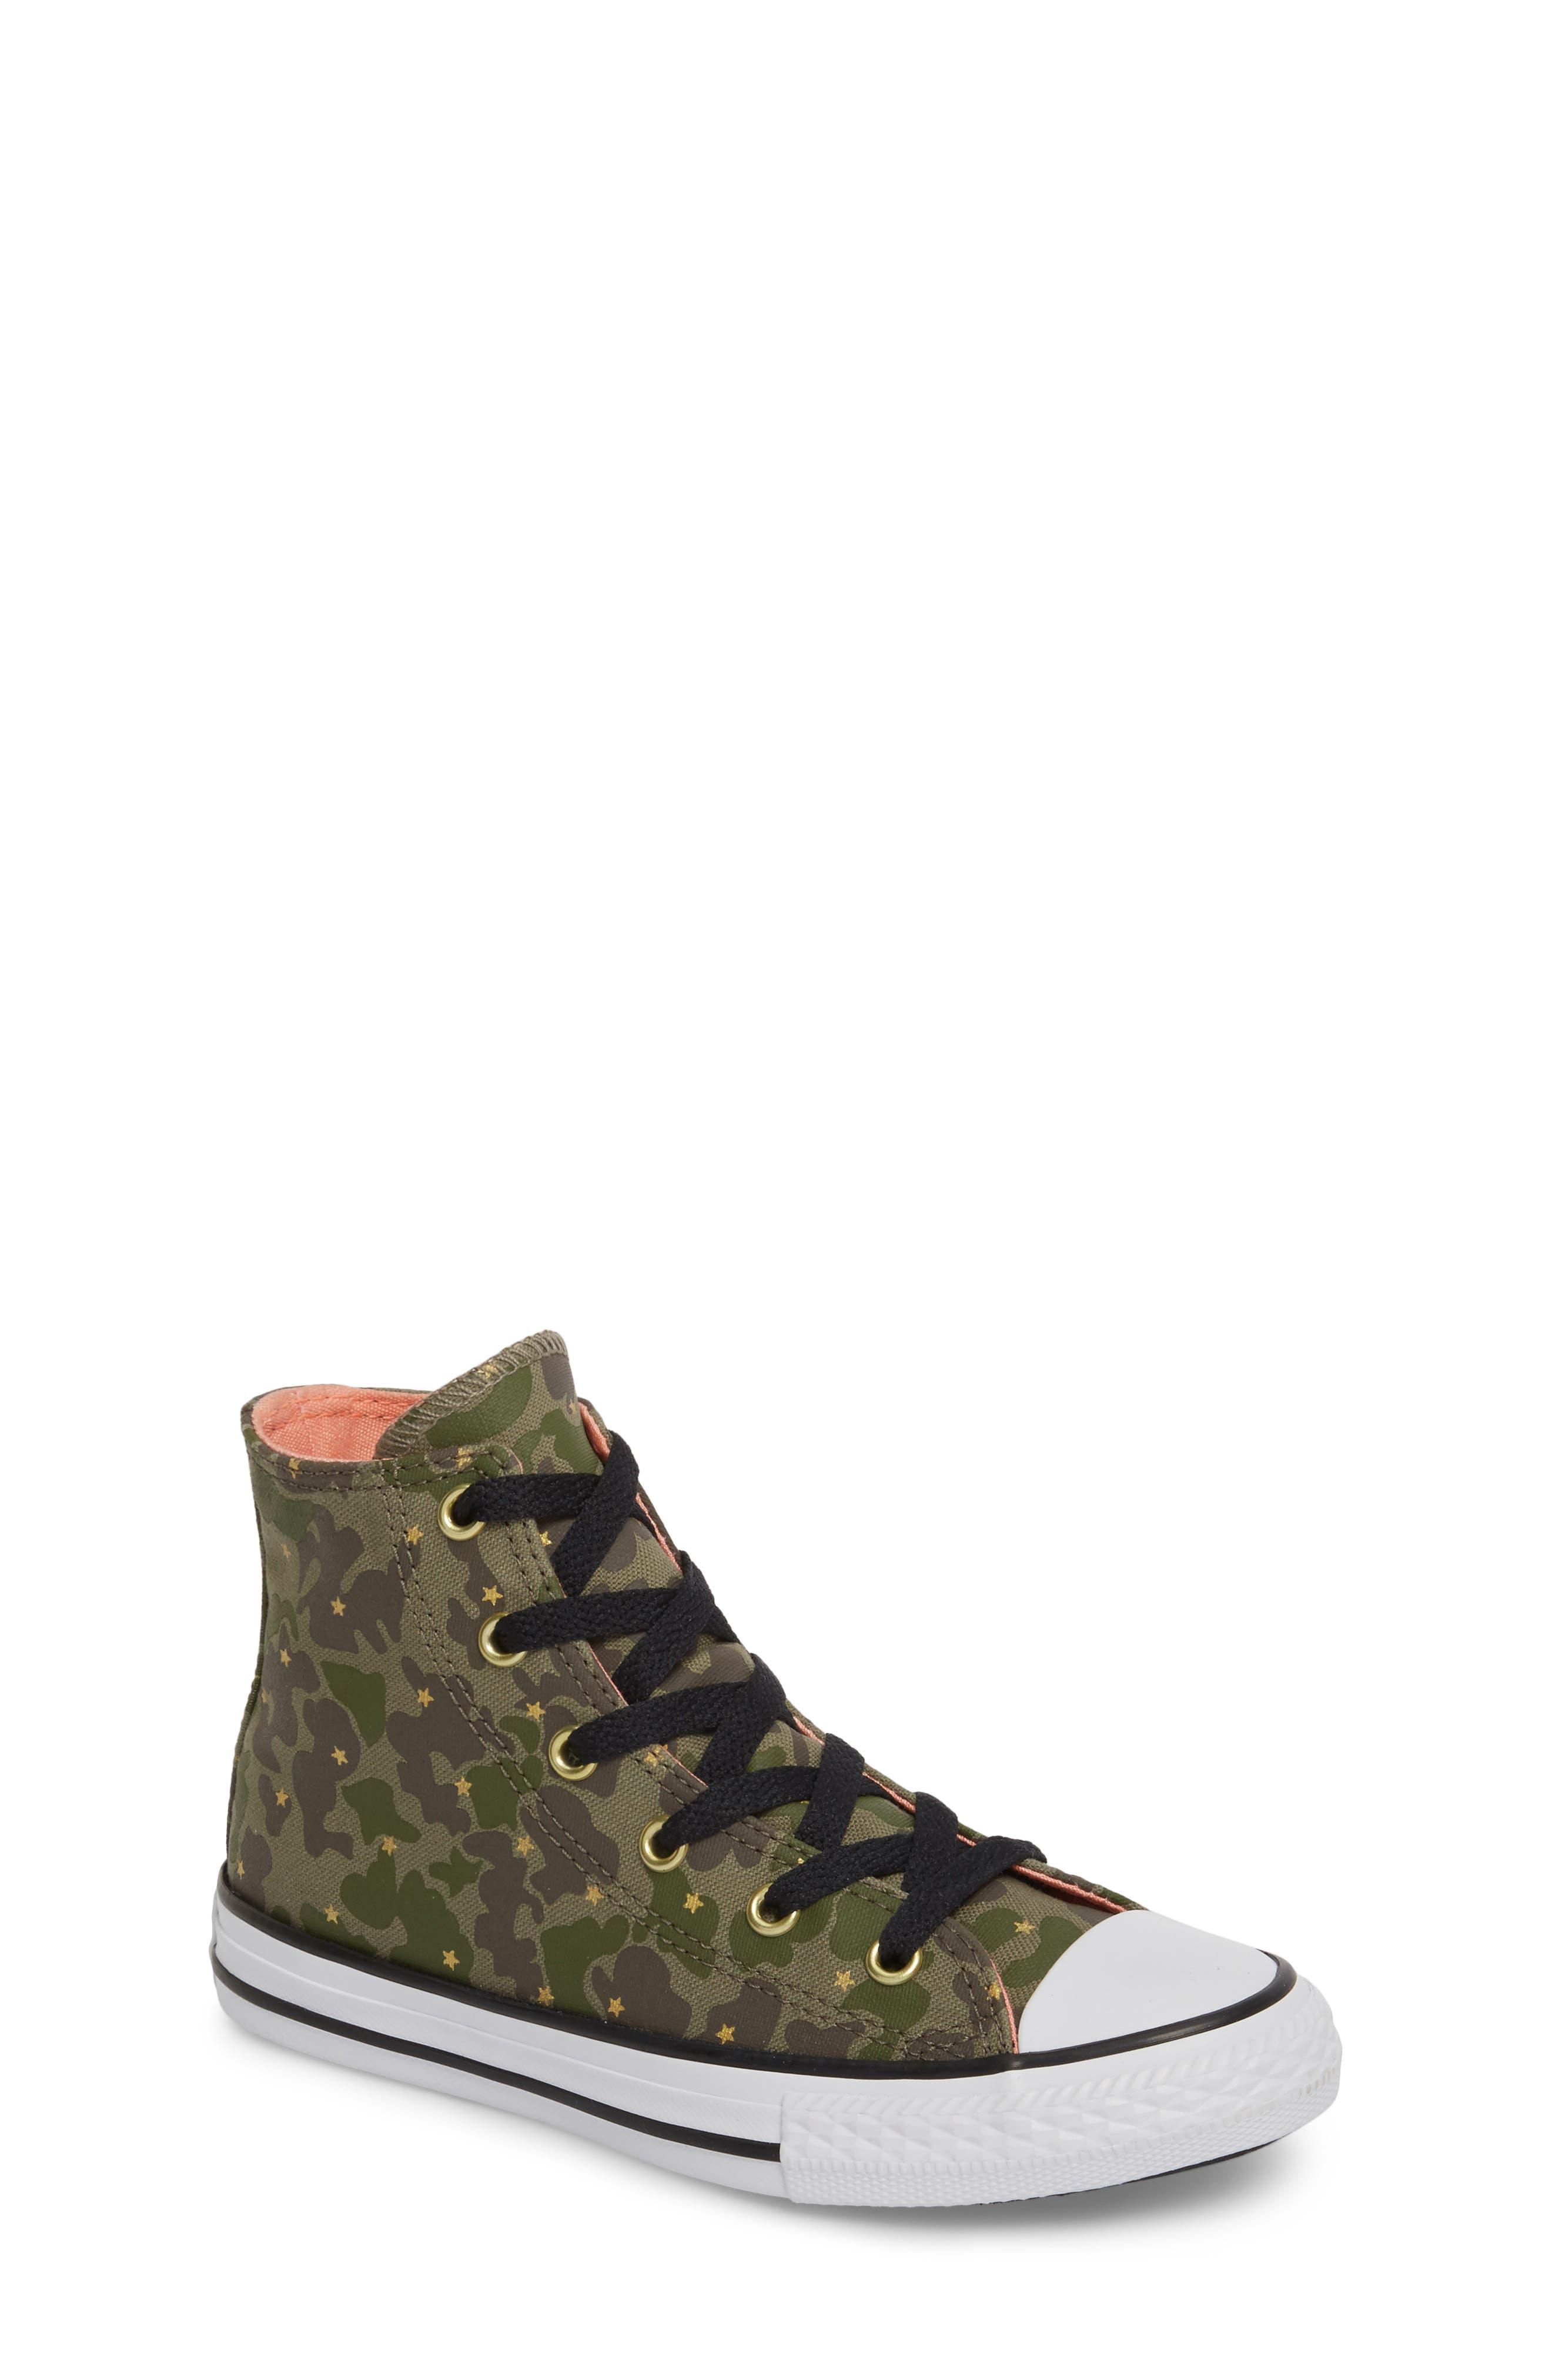 Camo High Top Sneaker,                             Main thumbnail 1, color,